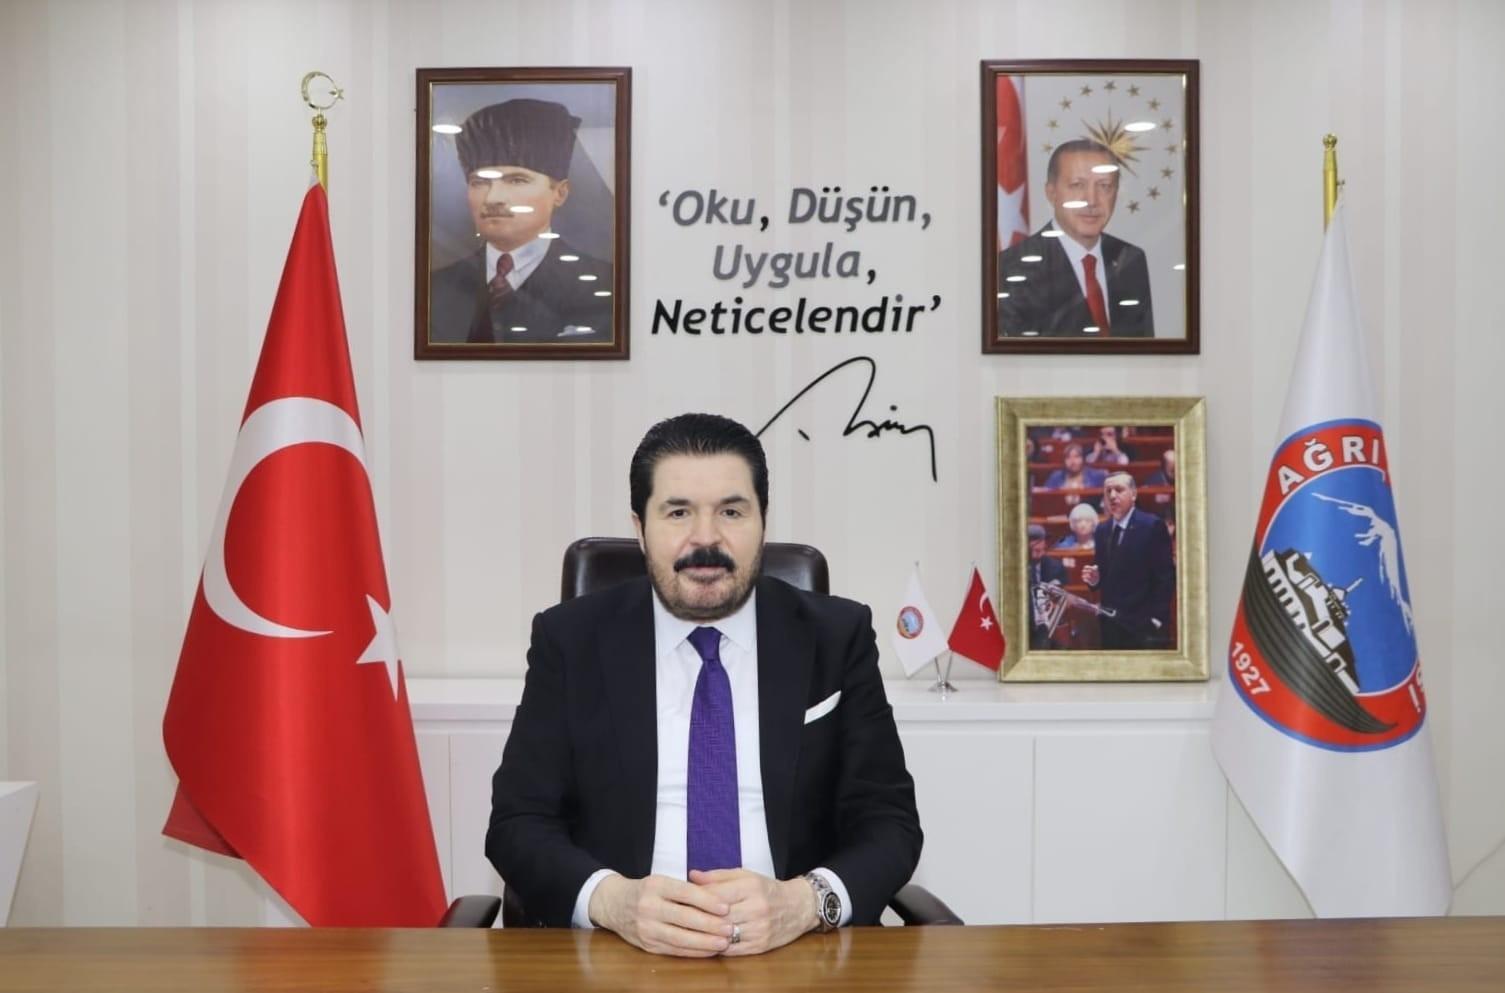 Başkan Sayan, HDP'li Koç'un iddialarına cevap verdi